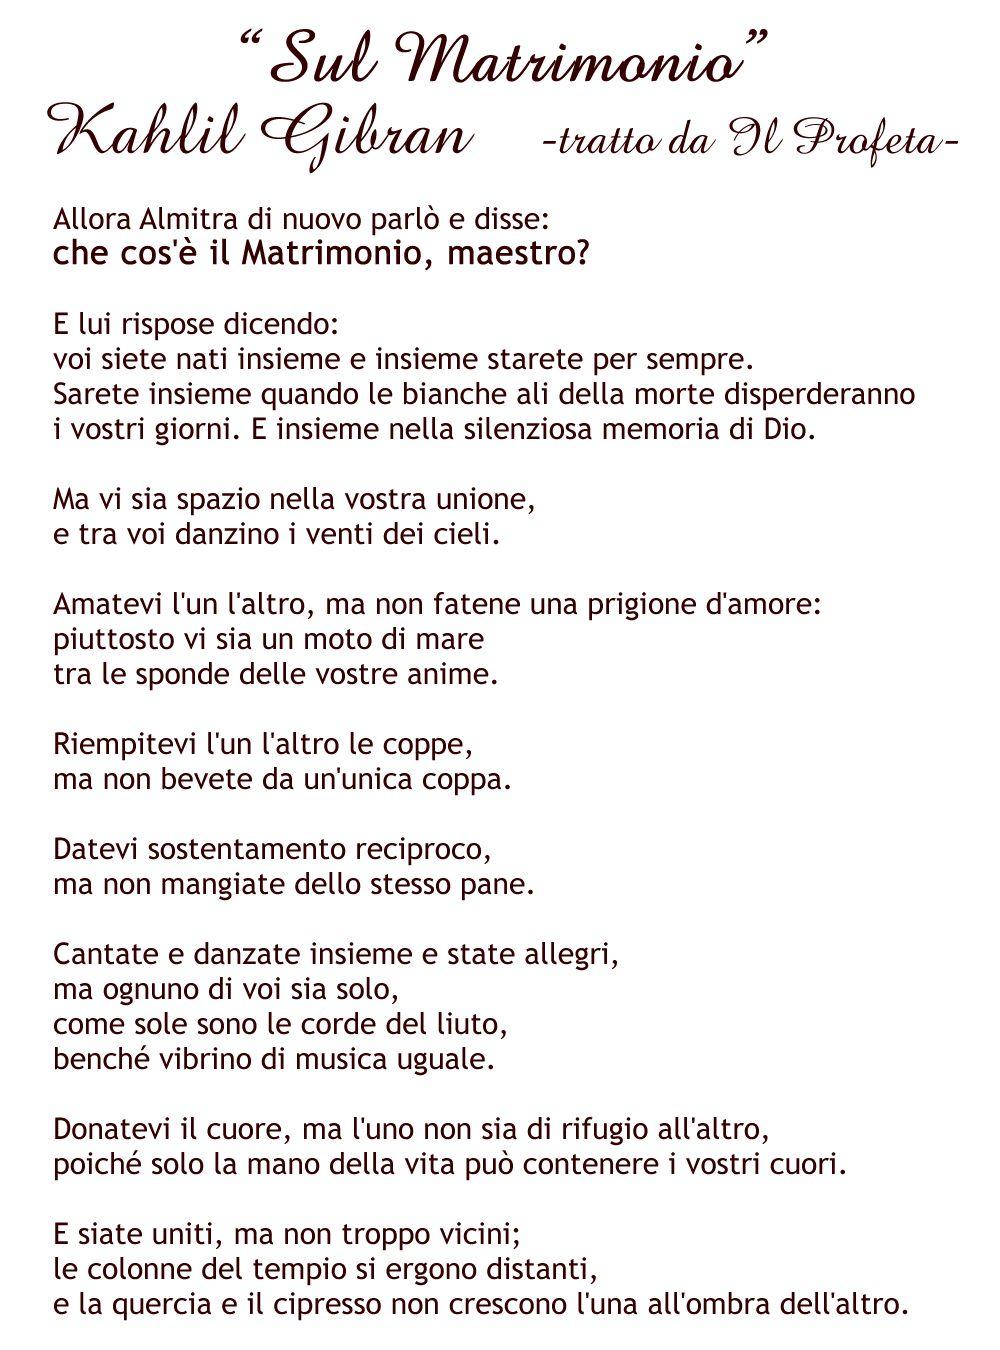 Kahlil Gibran On Marriage Matrimonio Poesía E Khalil Gibran